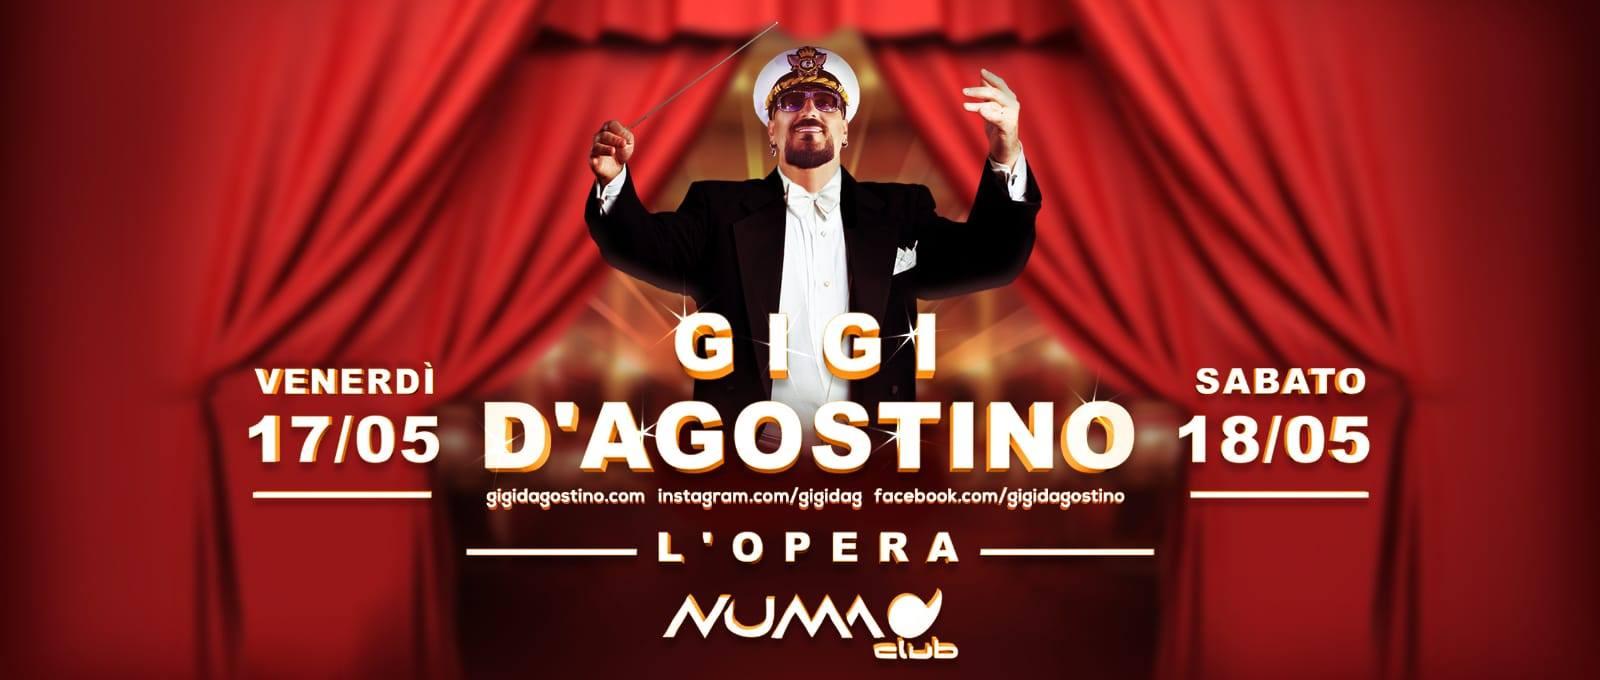 Gigi D'agostino @ Numa Bologna – 17 e 18  Maggio 2019 – Ticket Pacchetti Hotel